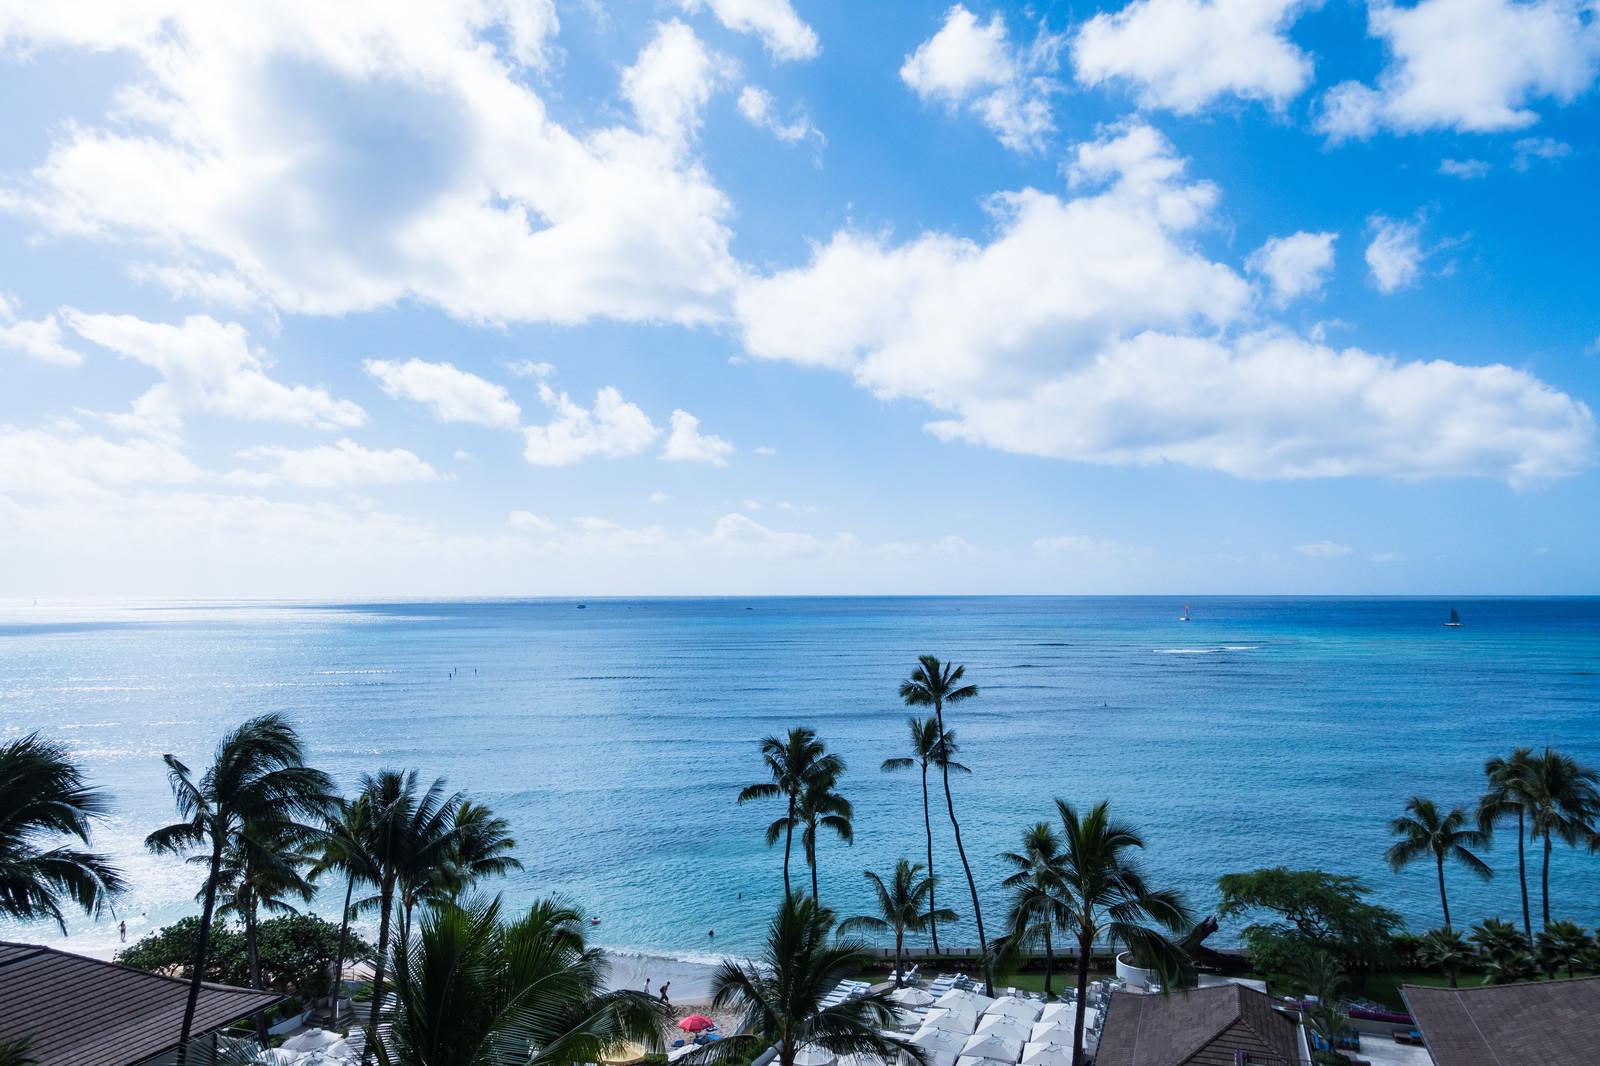 「絵葉書のようなハワイの景色」の写真